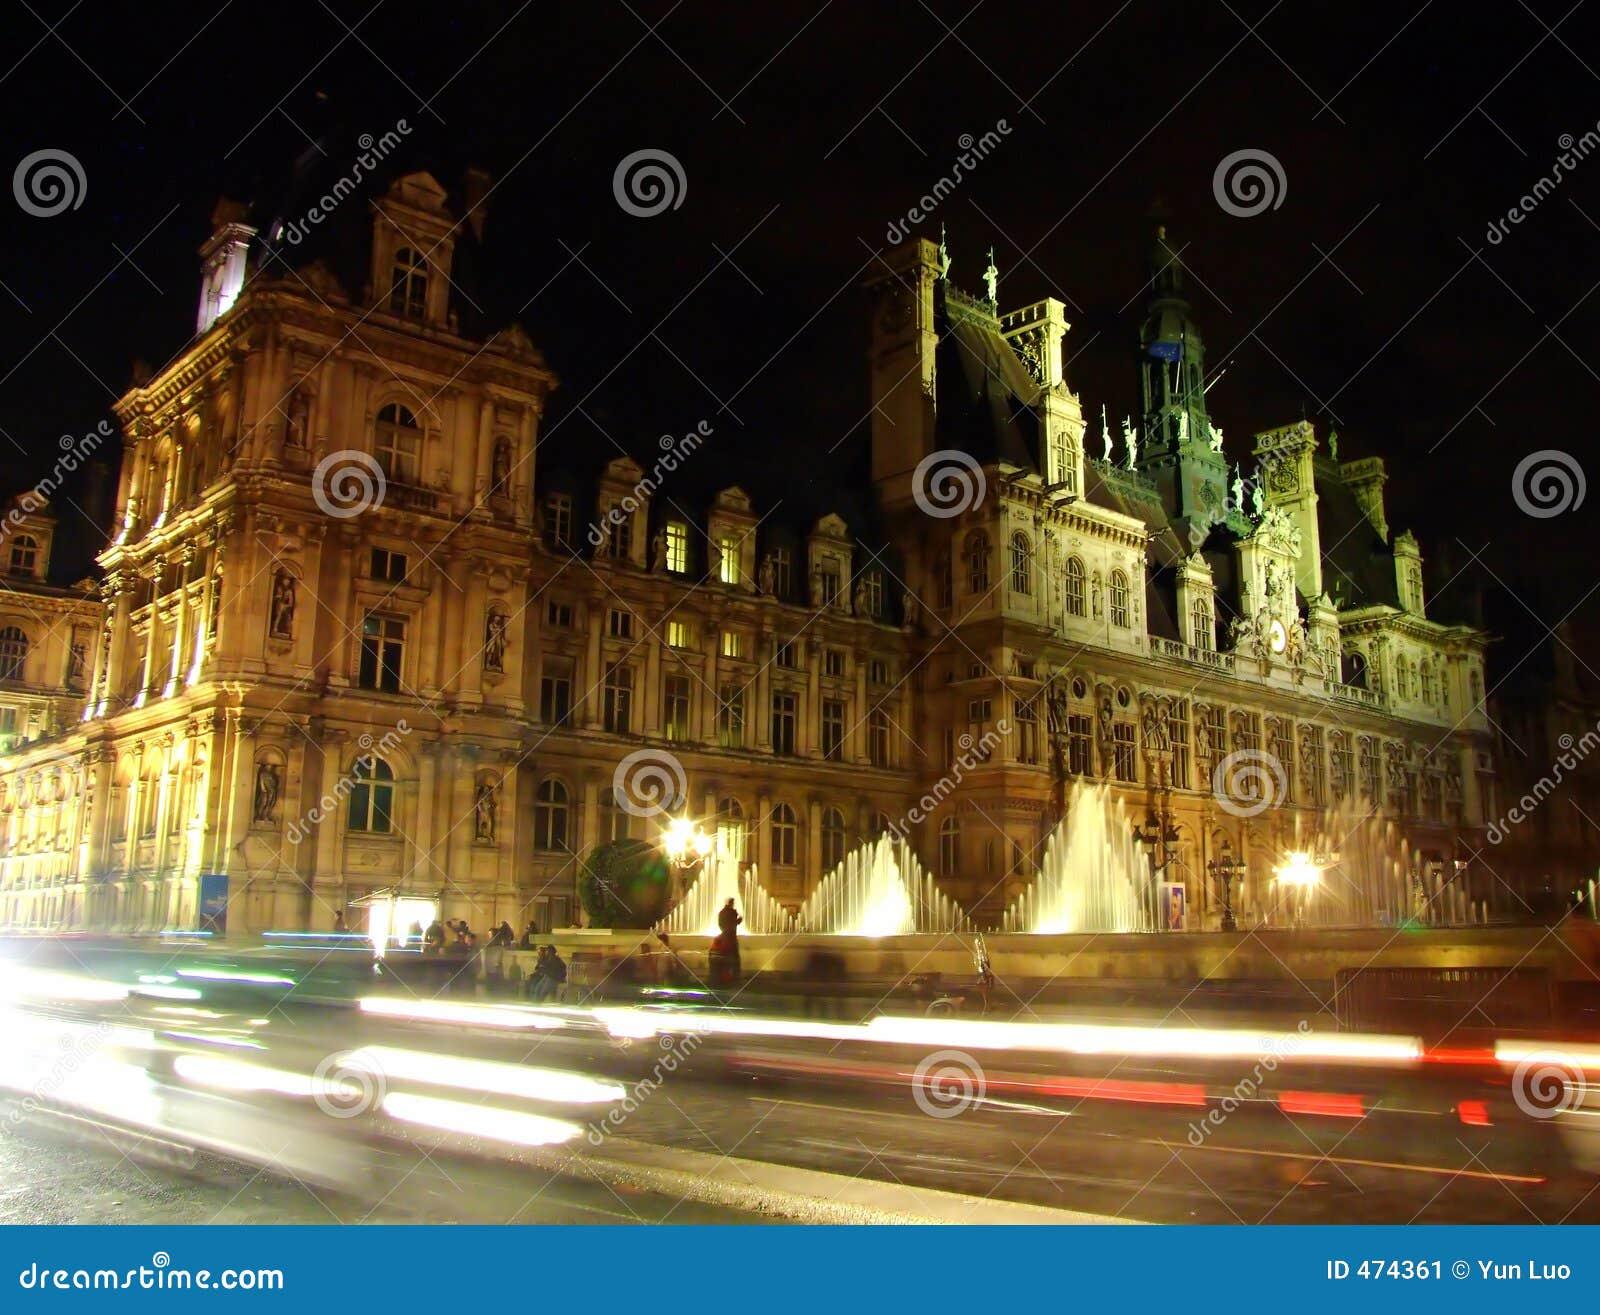 Hotel De Ville De Paris City Hall Stock Image Image